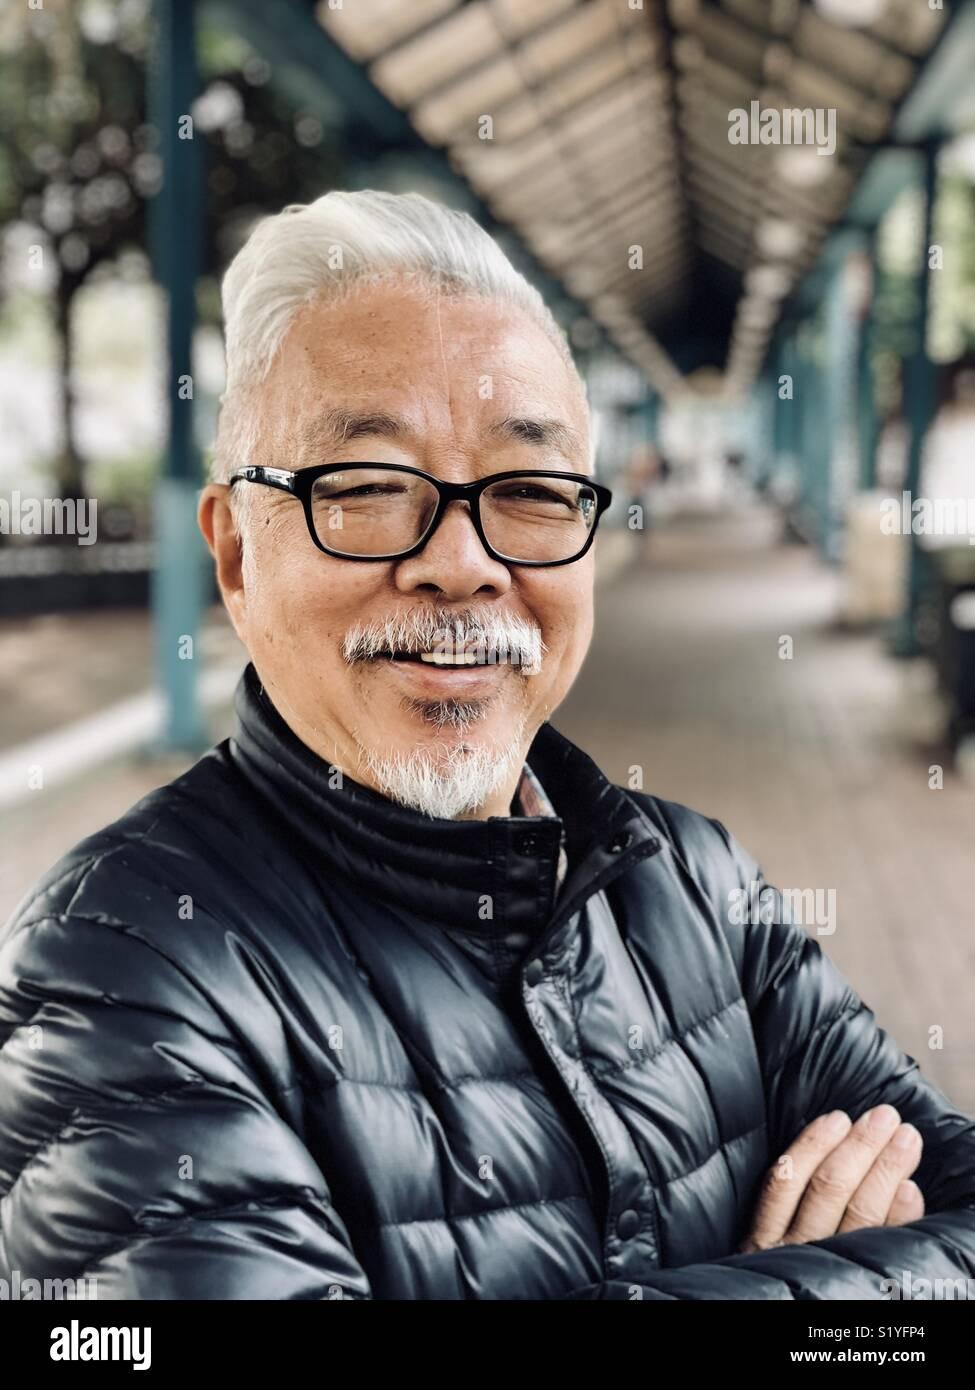 Ritratto di un uomo più anziano di Hong Kong Immagini Stock